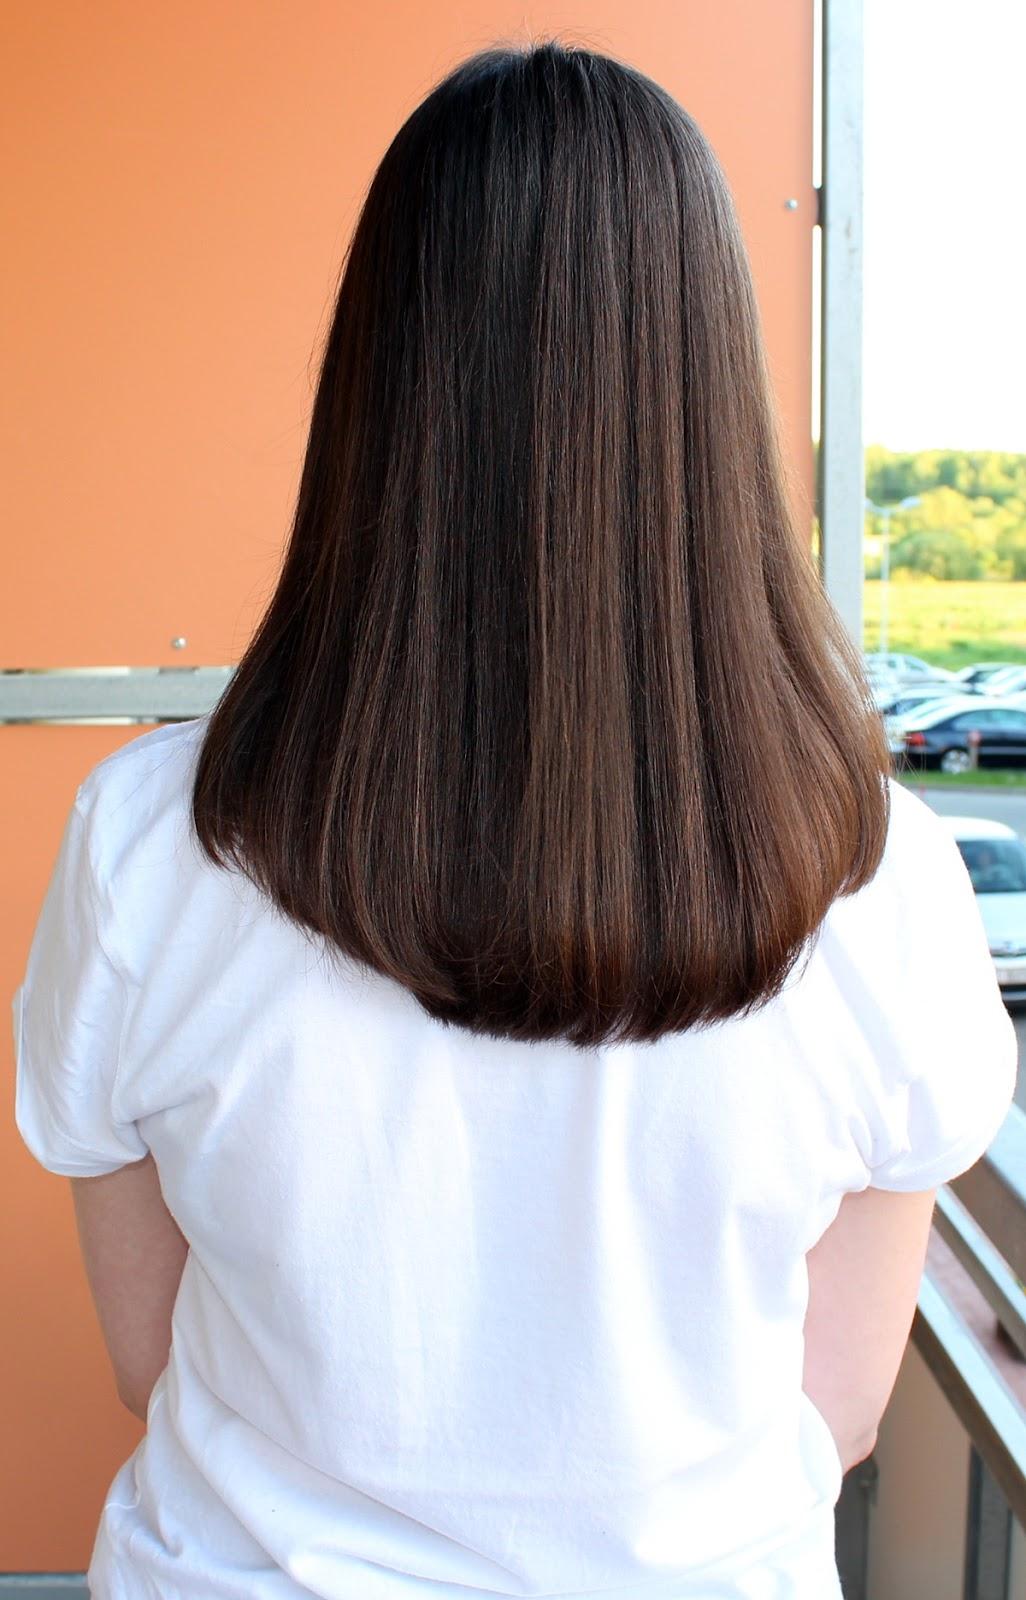 włosowa aktualizacja maj 2017 elfnaczi piękne włosy brunetka